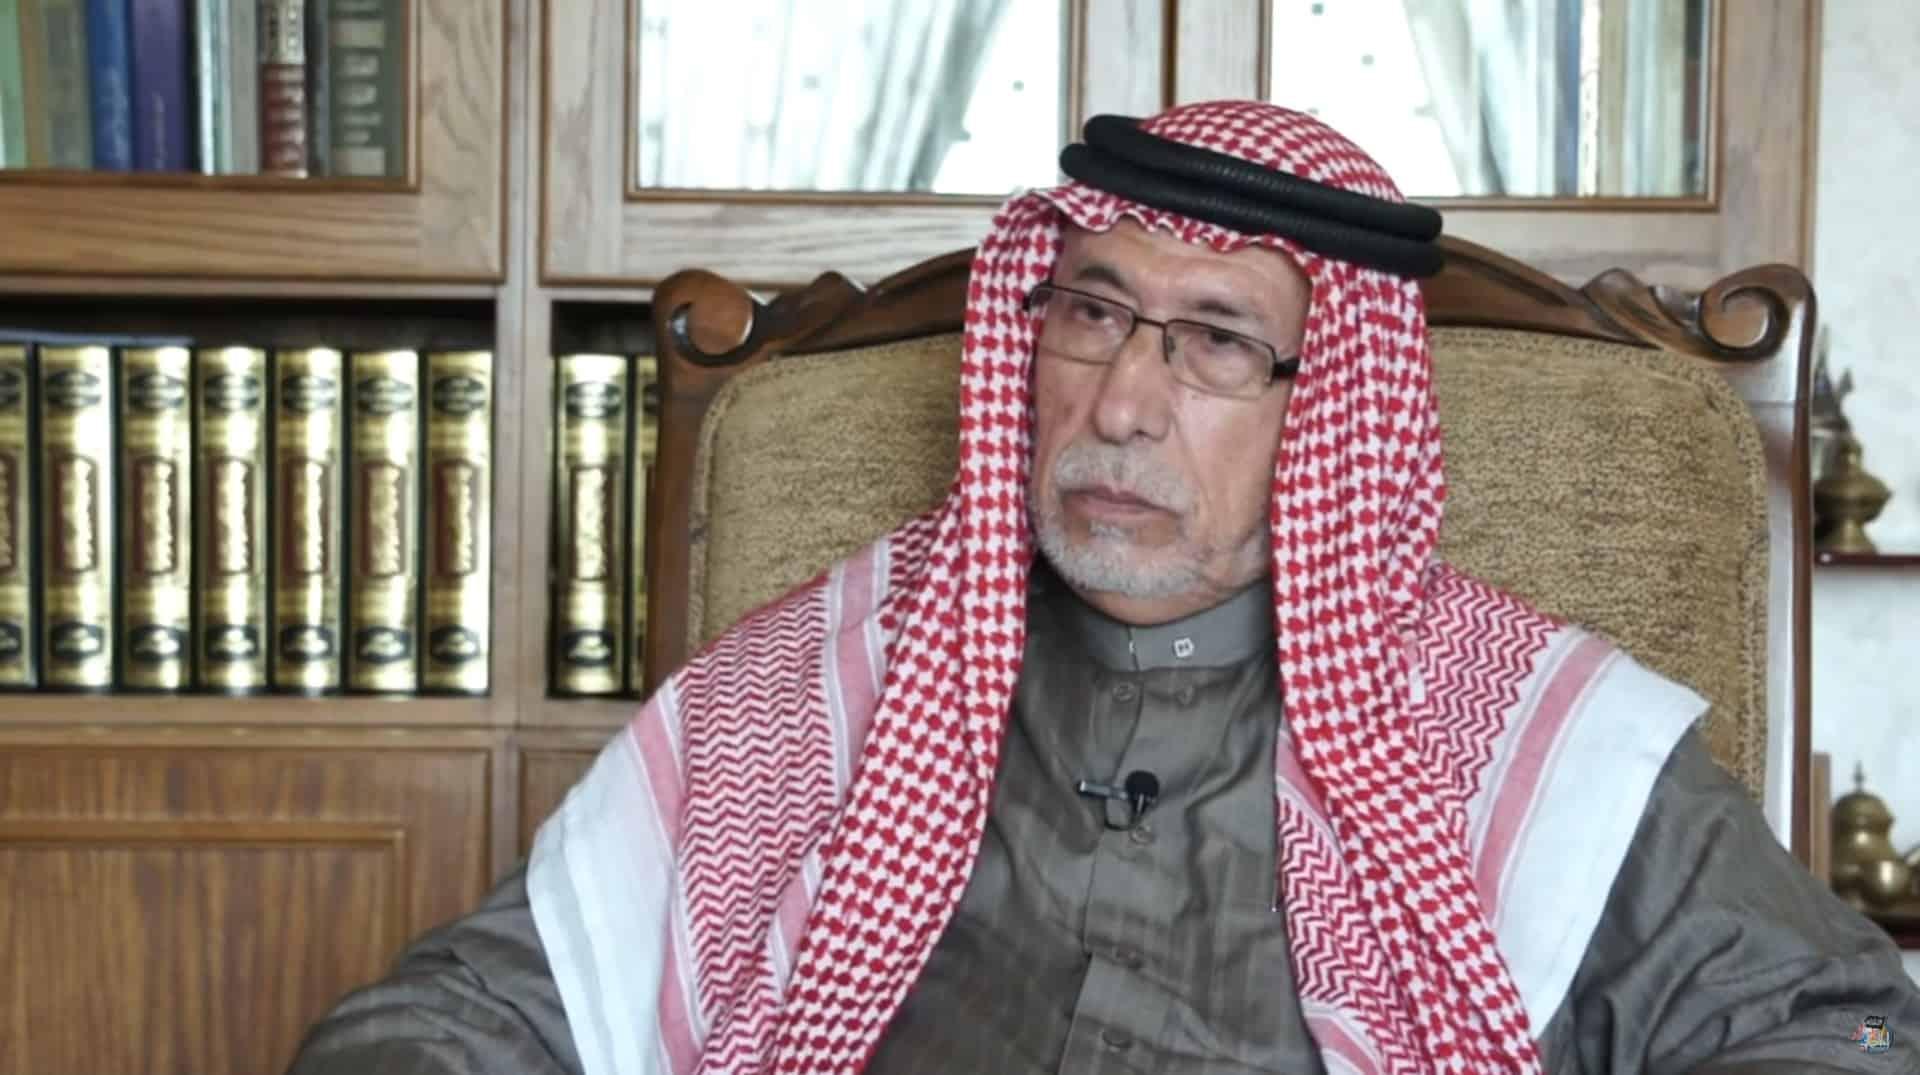 Profile of Shaykh Abu Iyas Uwaydah – Scholar, Author and Activist